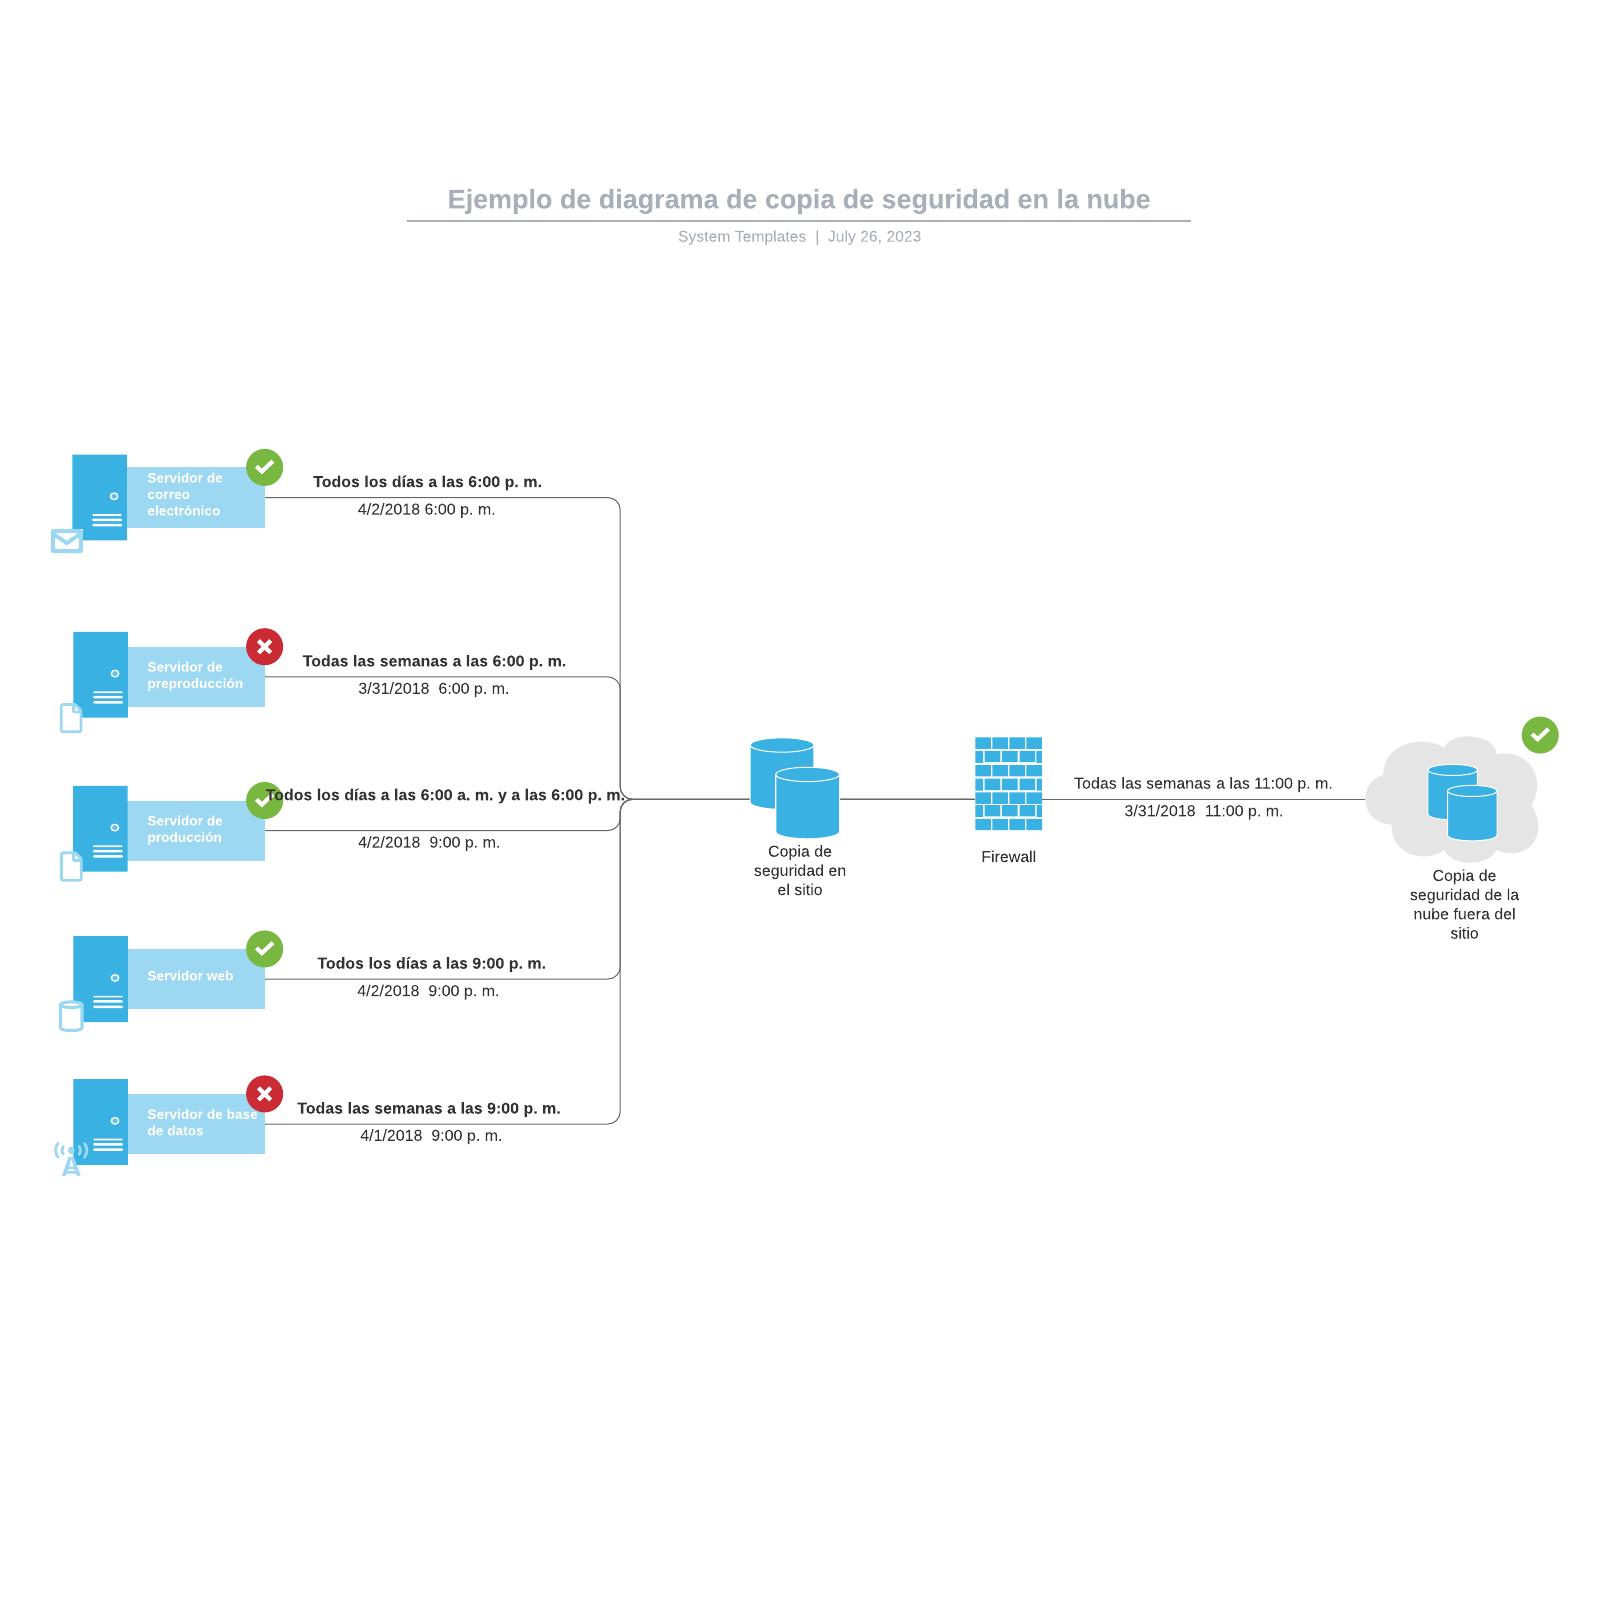 Ejemplo de diagrama de copia de seguridad en la nube